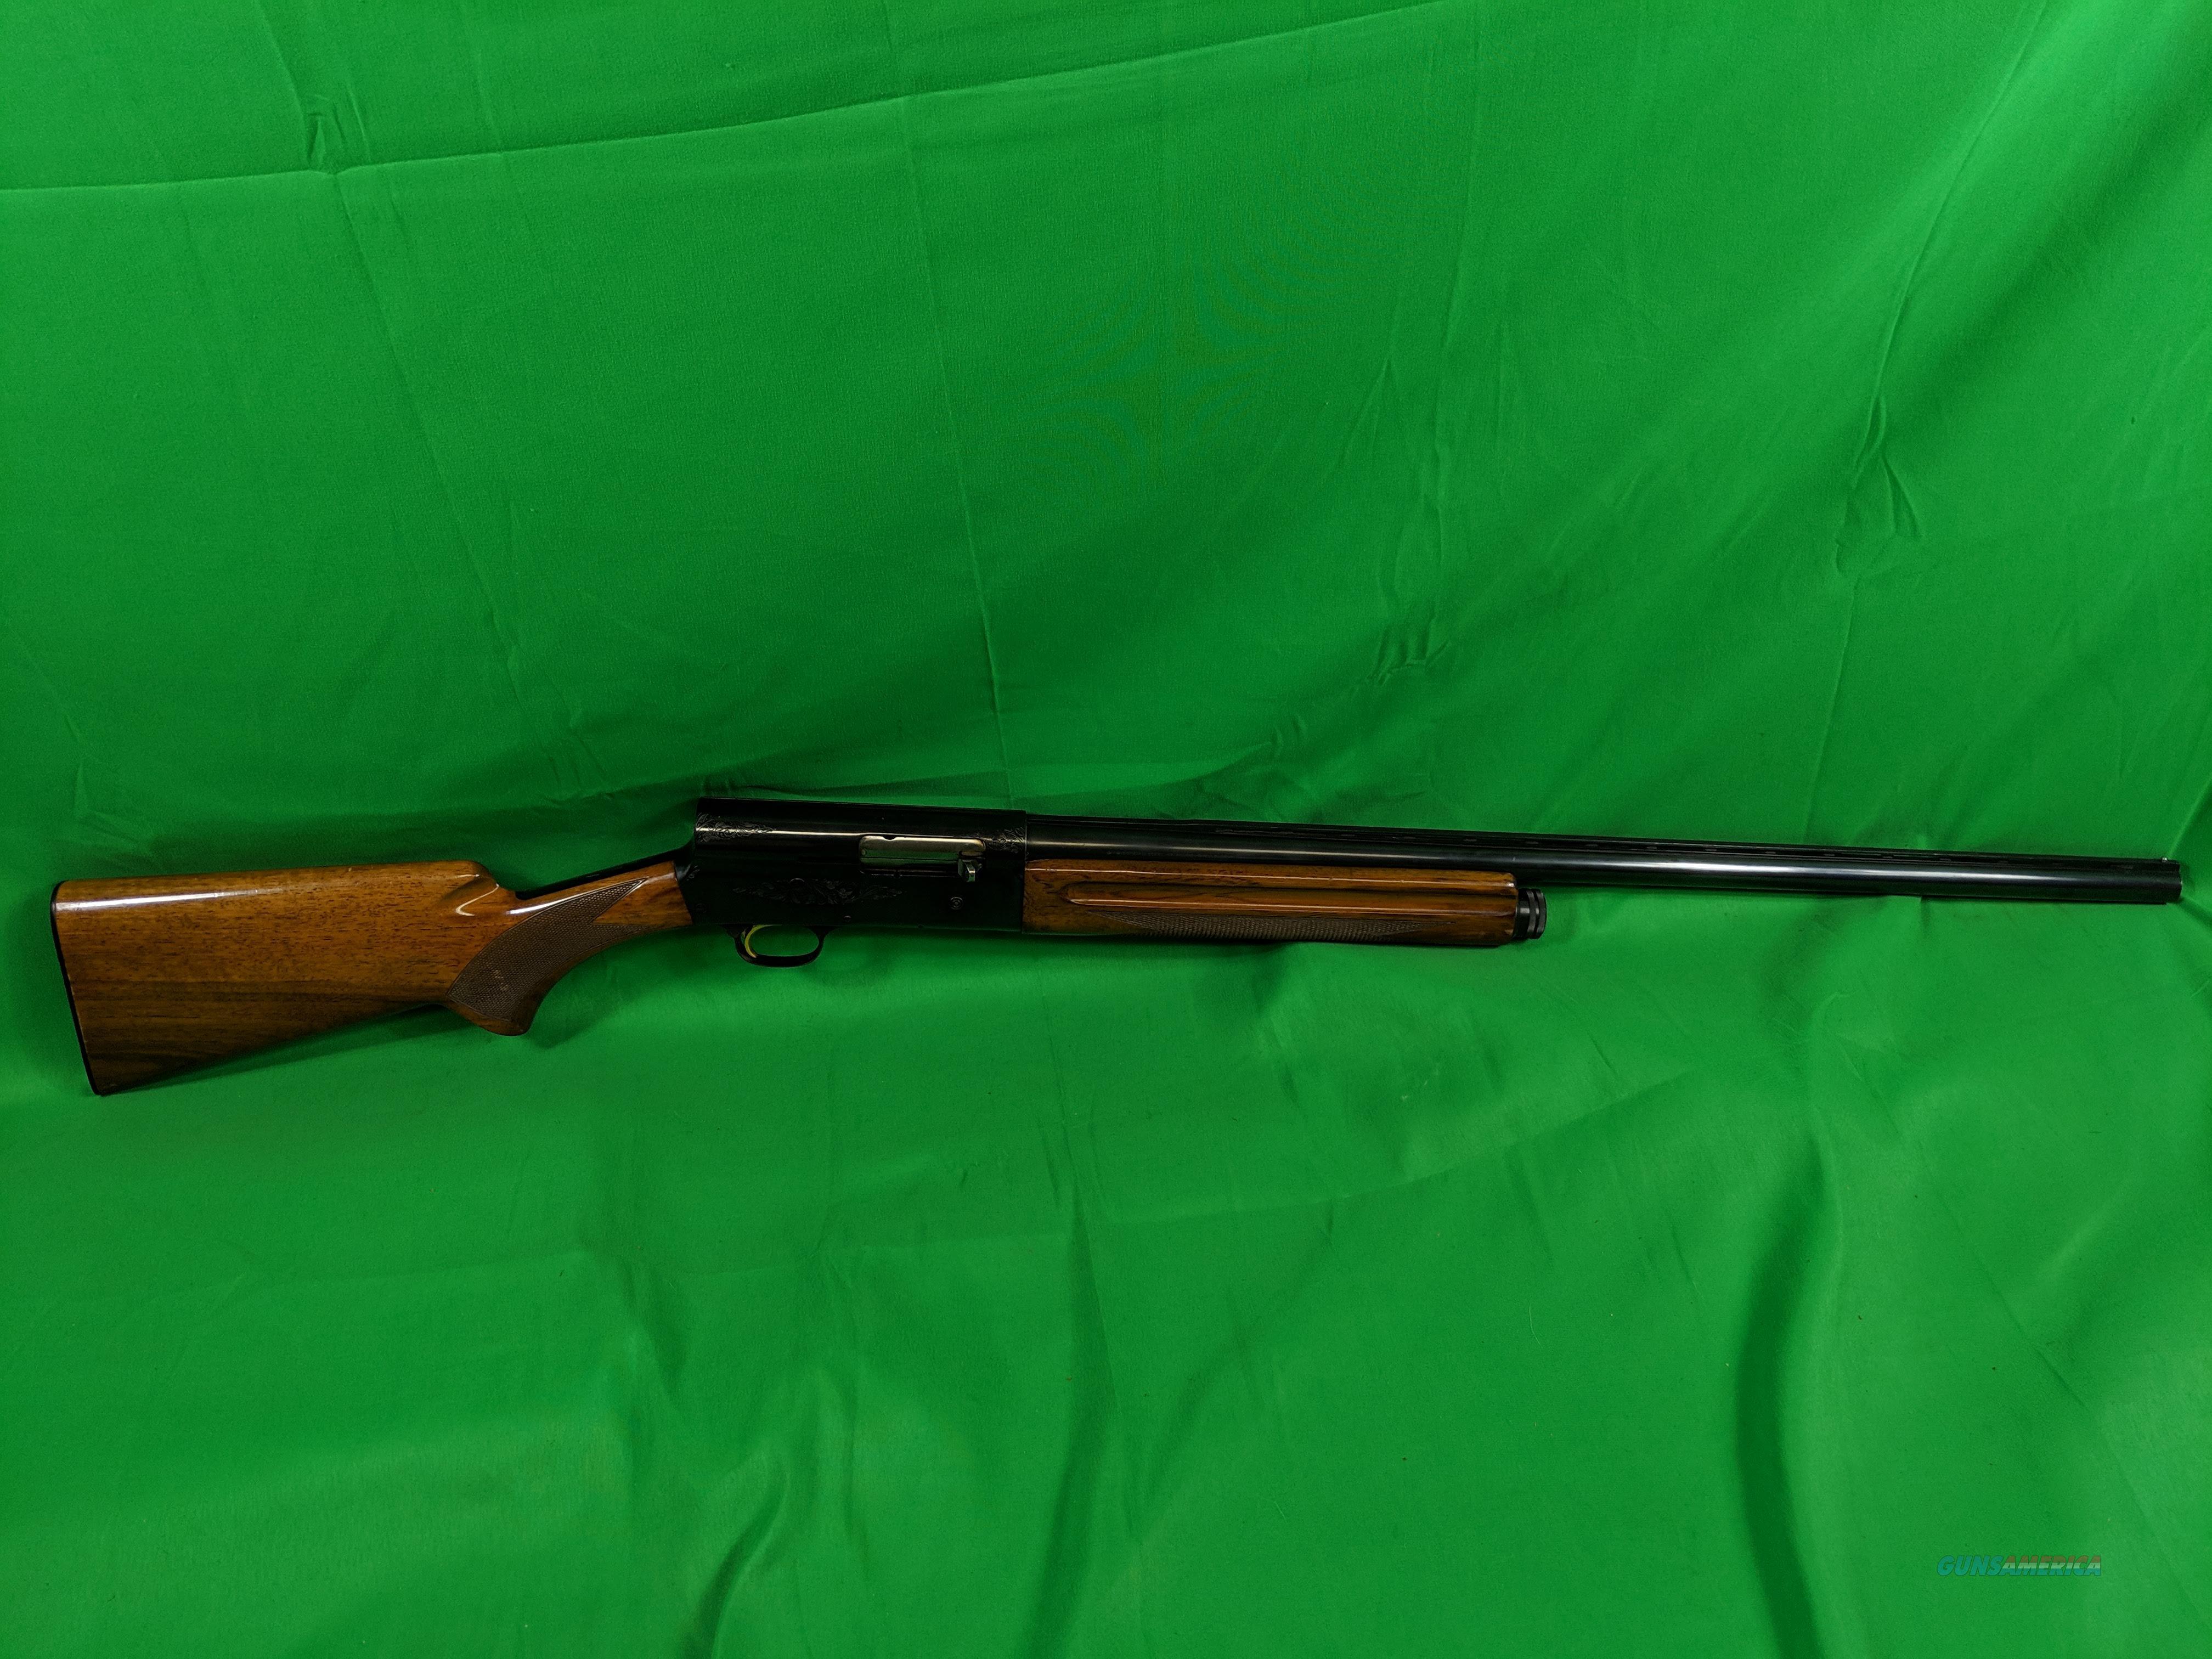 Belgian Browning A5 Lite in 12 Gauge  Guns > Shotguns > Browning Shotguns > Autoloaders > Hunting